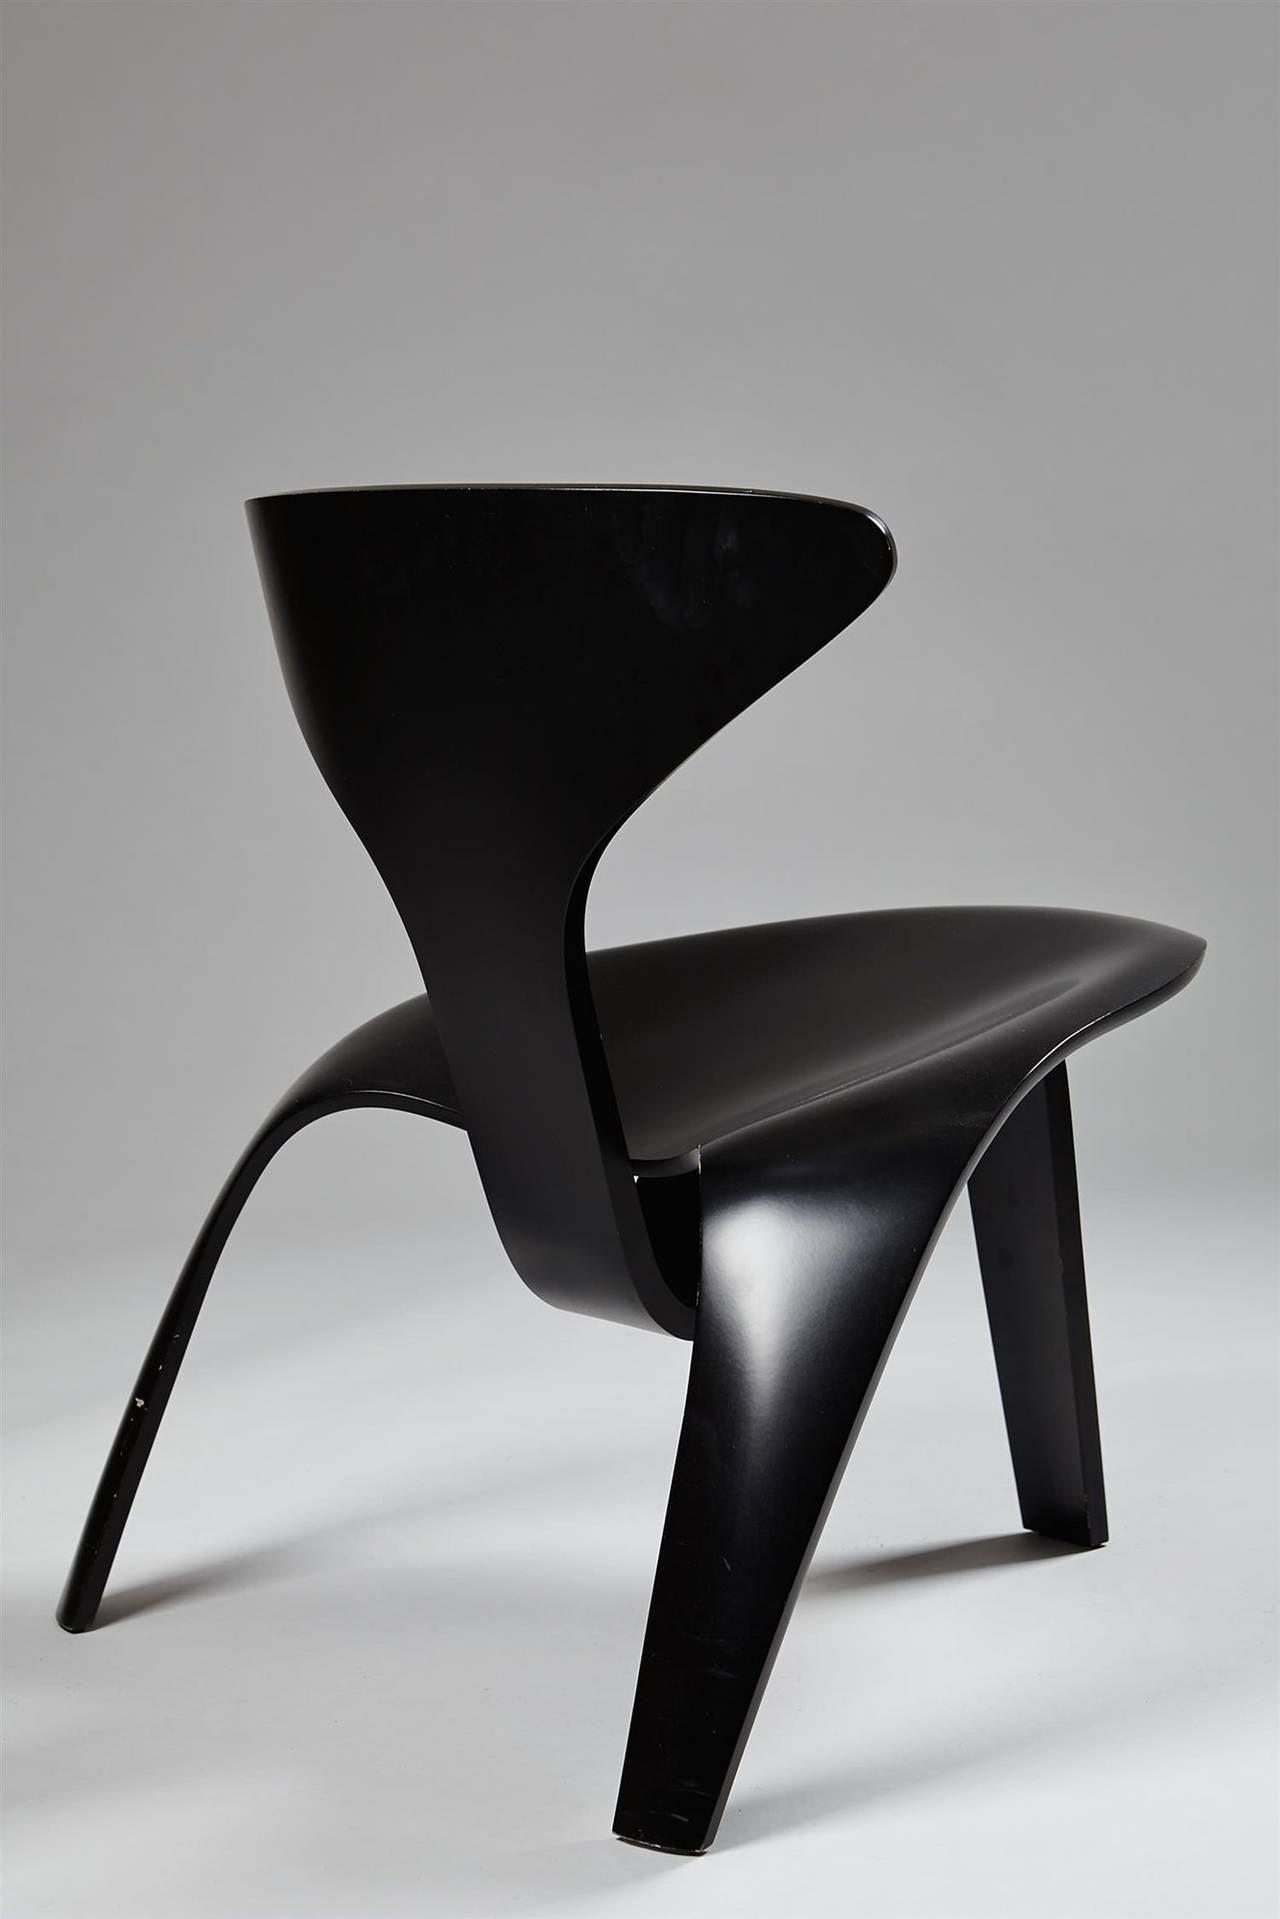 Pk0 Chair Designed By Poul Kjaerholm Denmark 1952 For